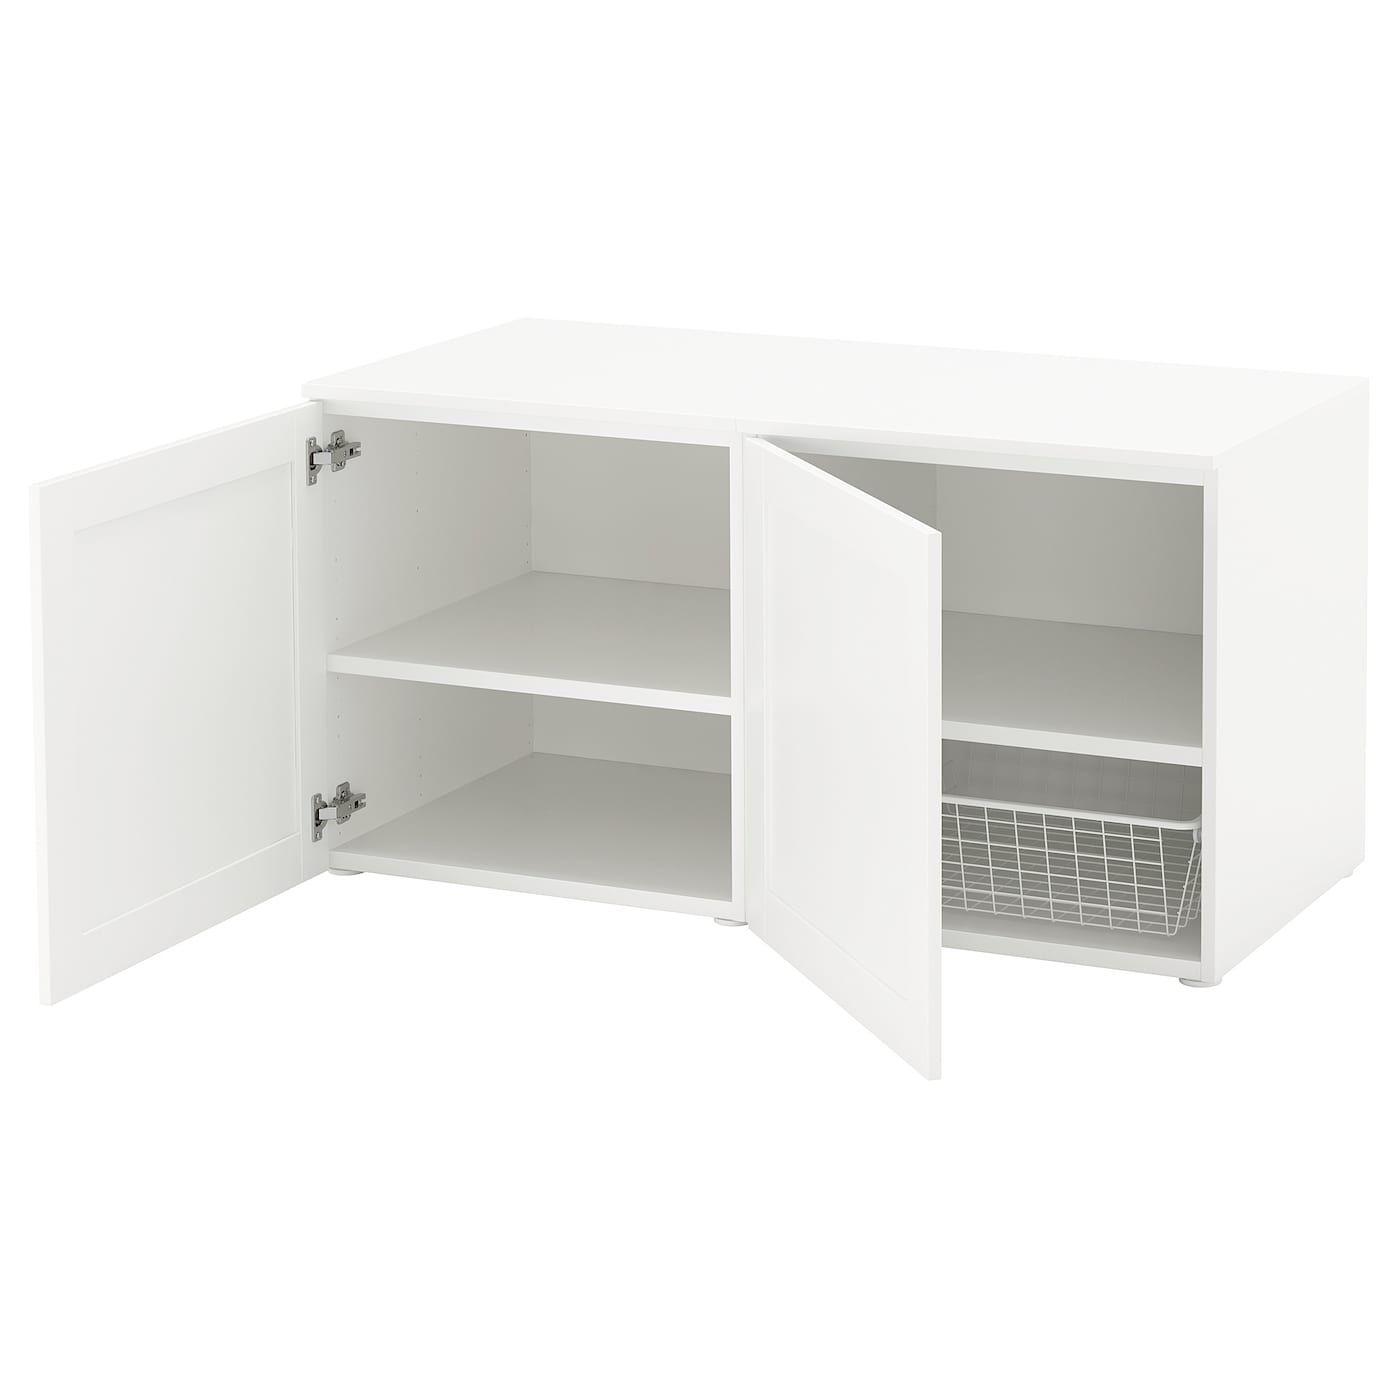 Platsa Banktruhe Weiss Sannidal Weiss Banktruhe Ikea Esszimmer